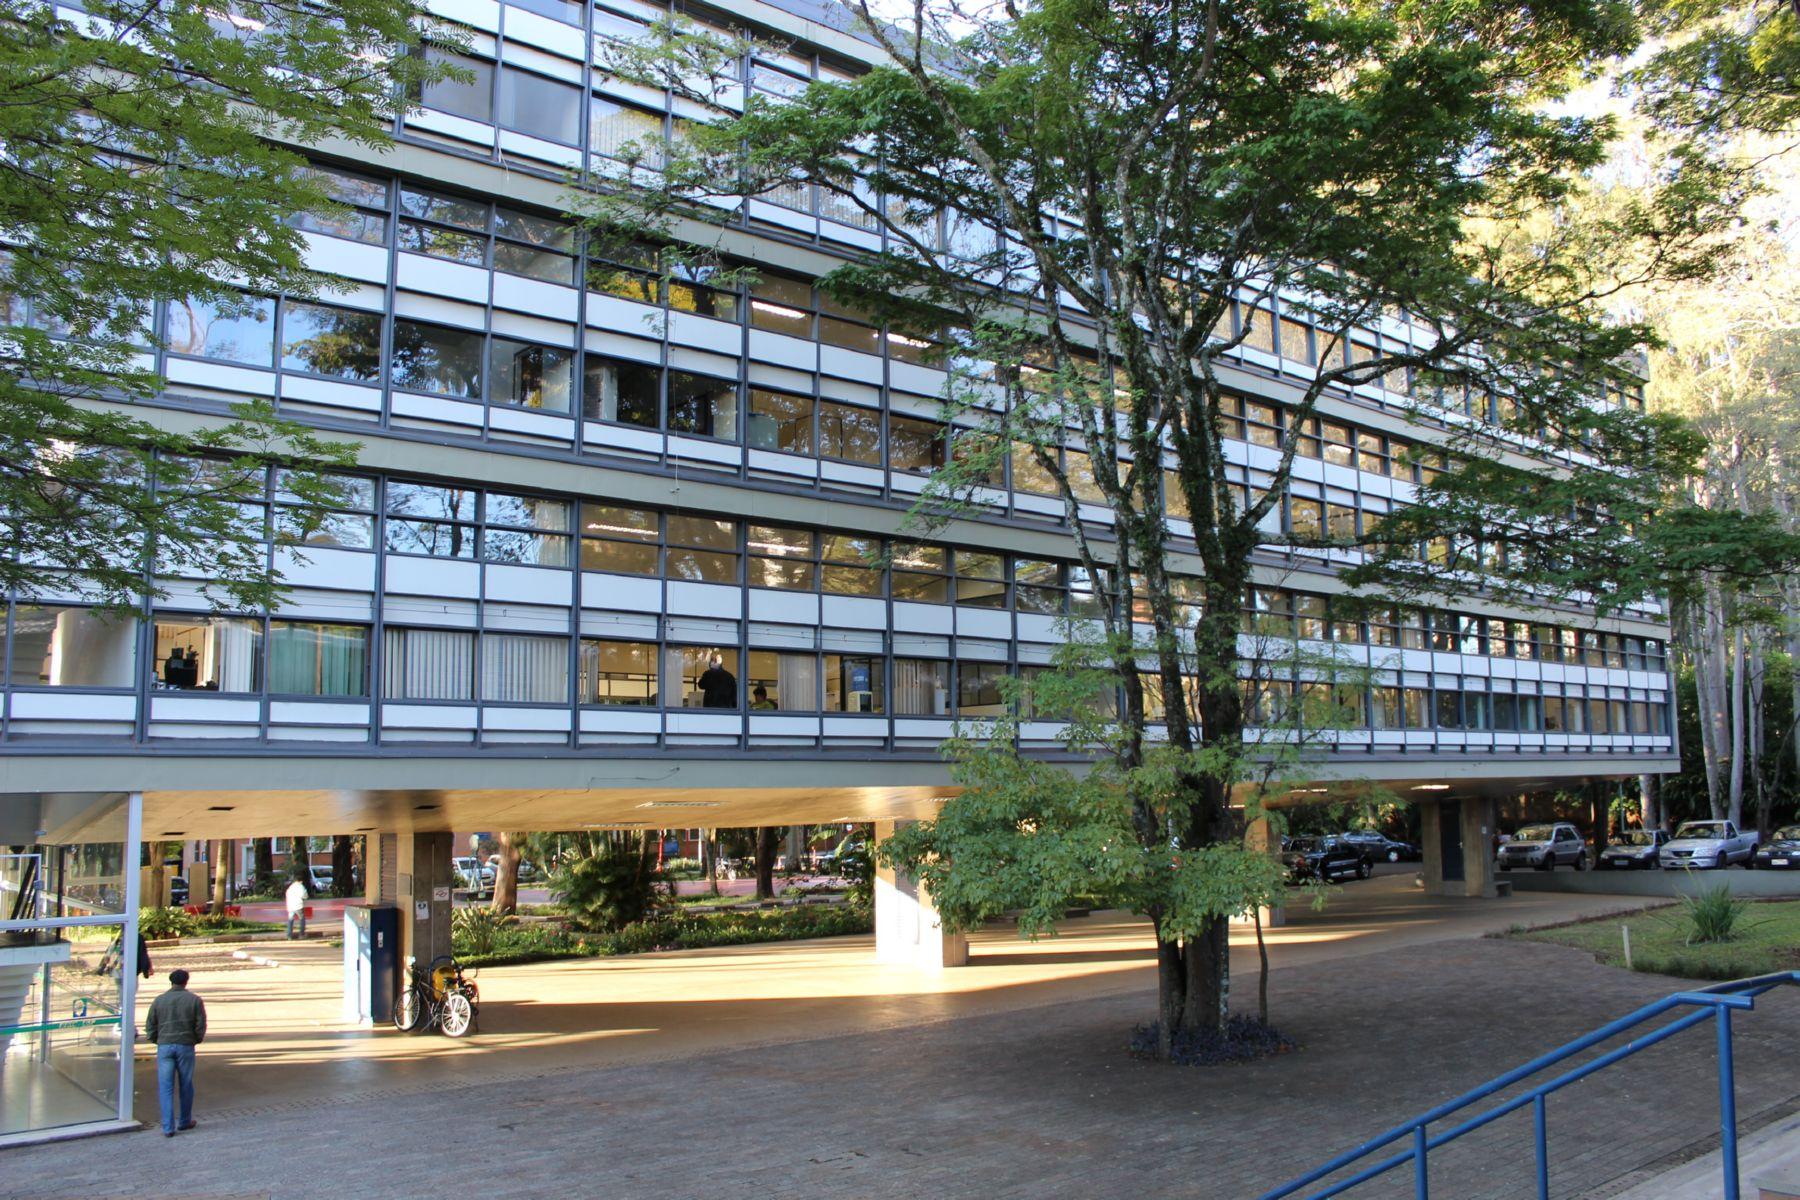 Na foto aparece um dos edifícios que está sendo pesquisado pelo grupo.